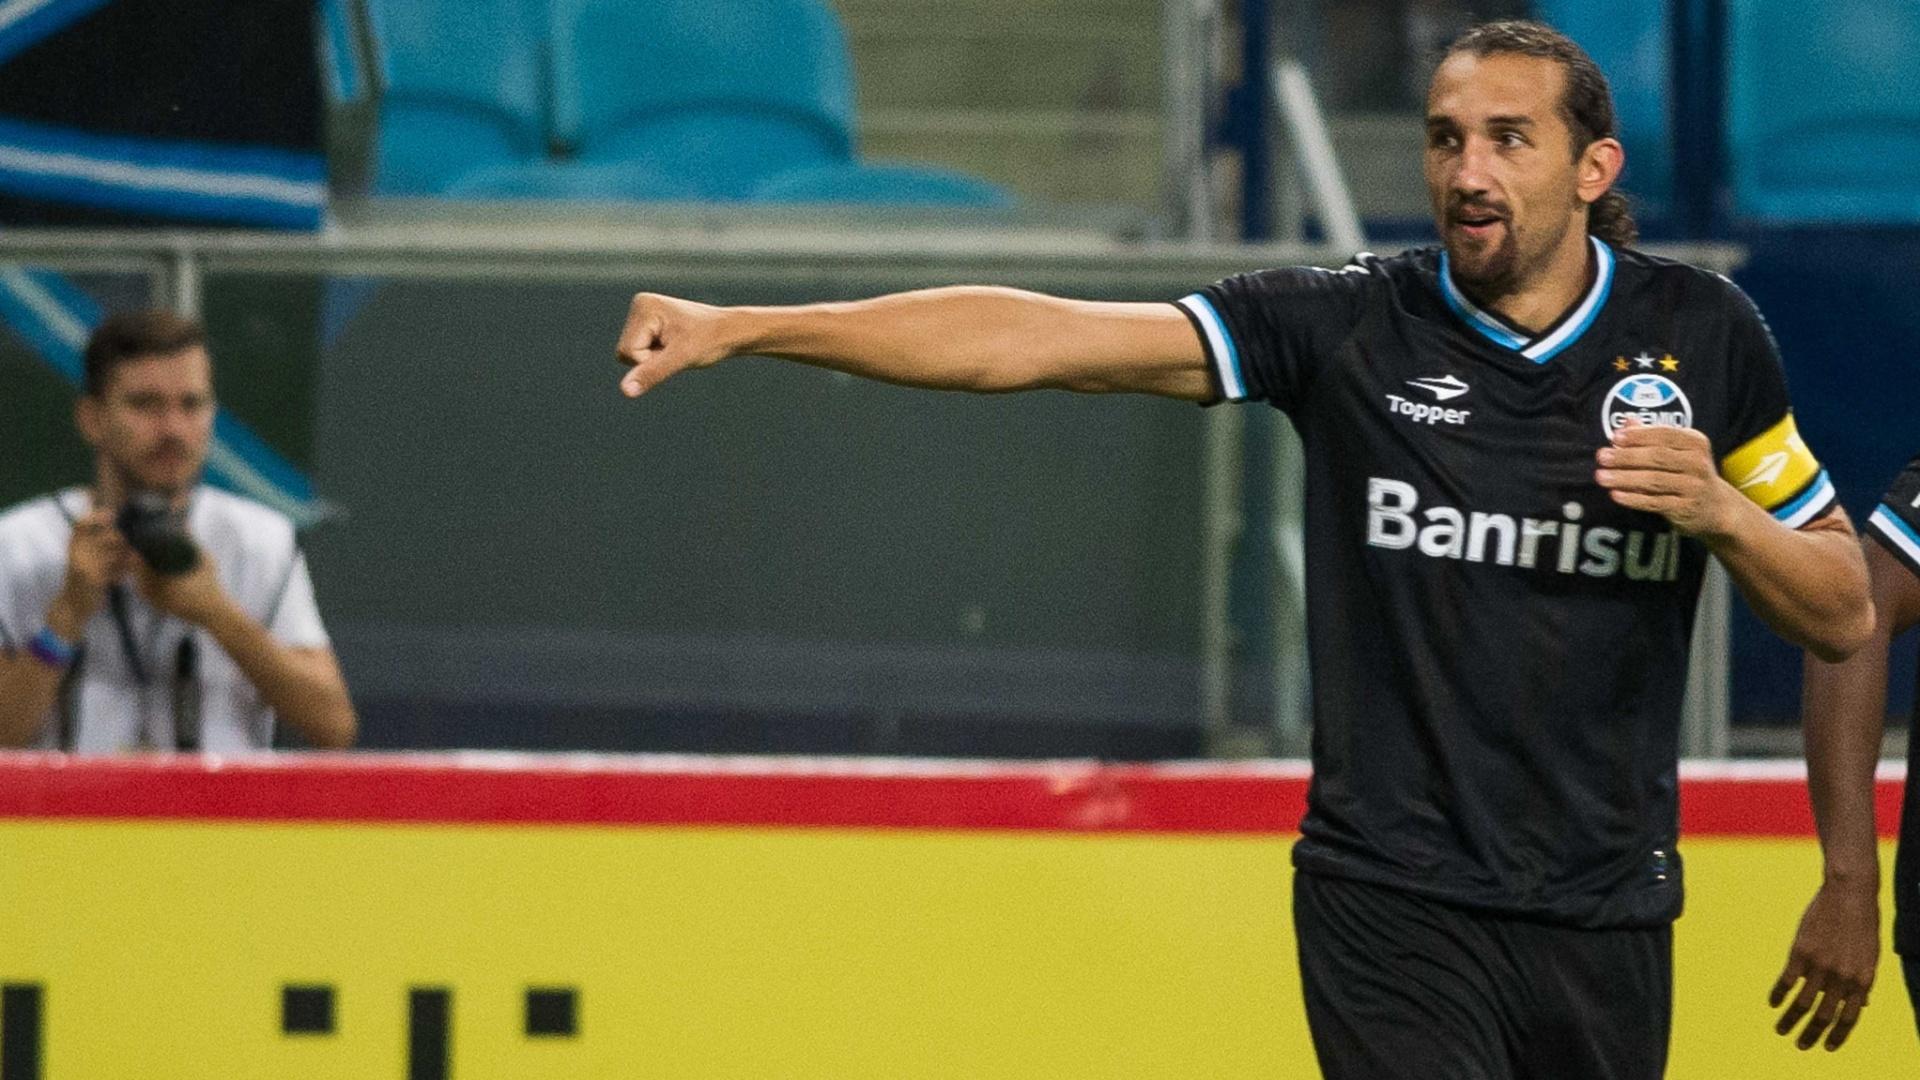 09.mar.2014 - Argentino Barcos comemora após marcar seu segundo gol no jogo contra o Passo Fundo, pelo Gaúchão